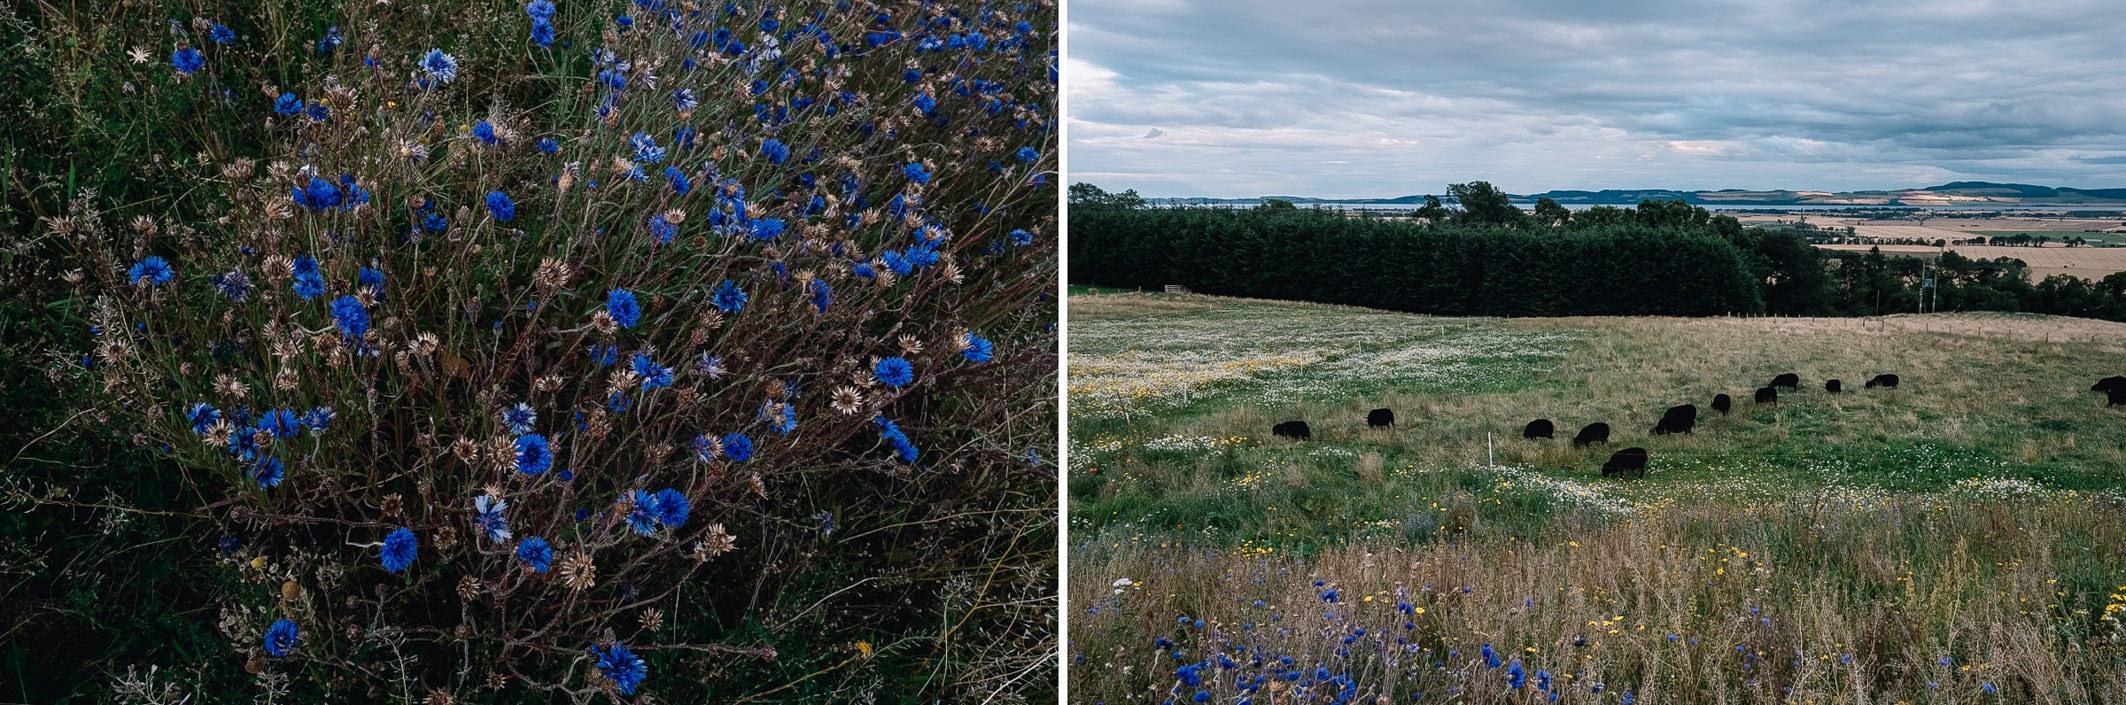 02-Guardswell-farm-perthshire-hills-harper-scott-photo-3.jpg